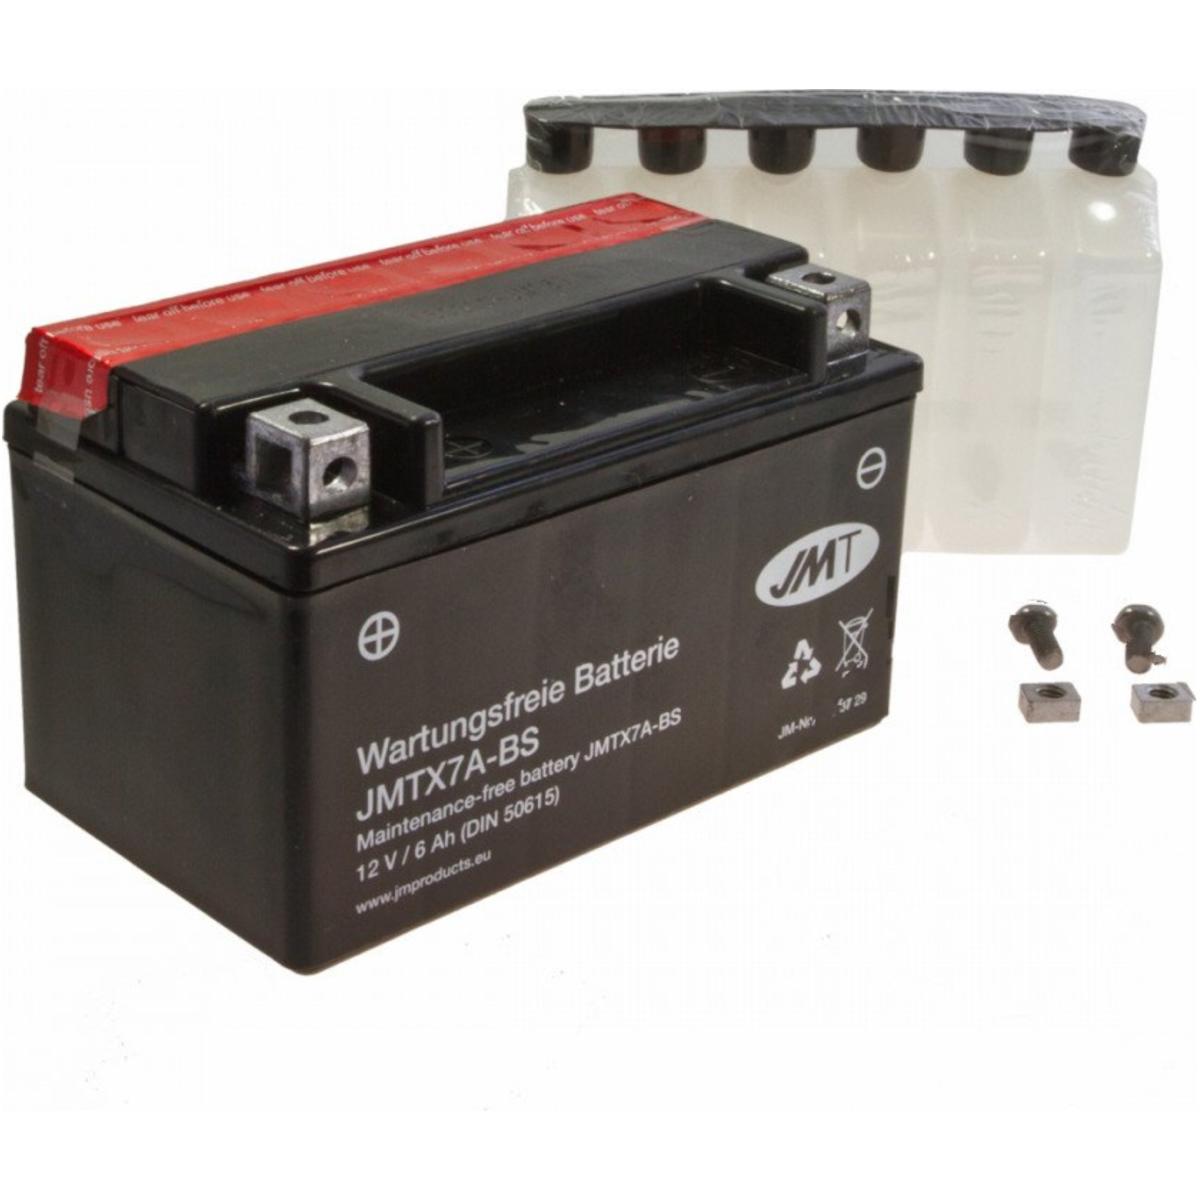 Batterie YTX7A-BS Original Tecnium Wartungsfrei